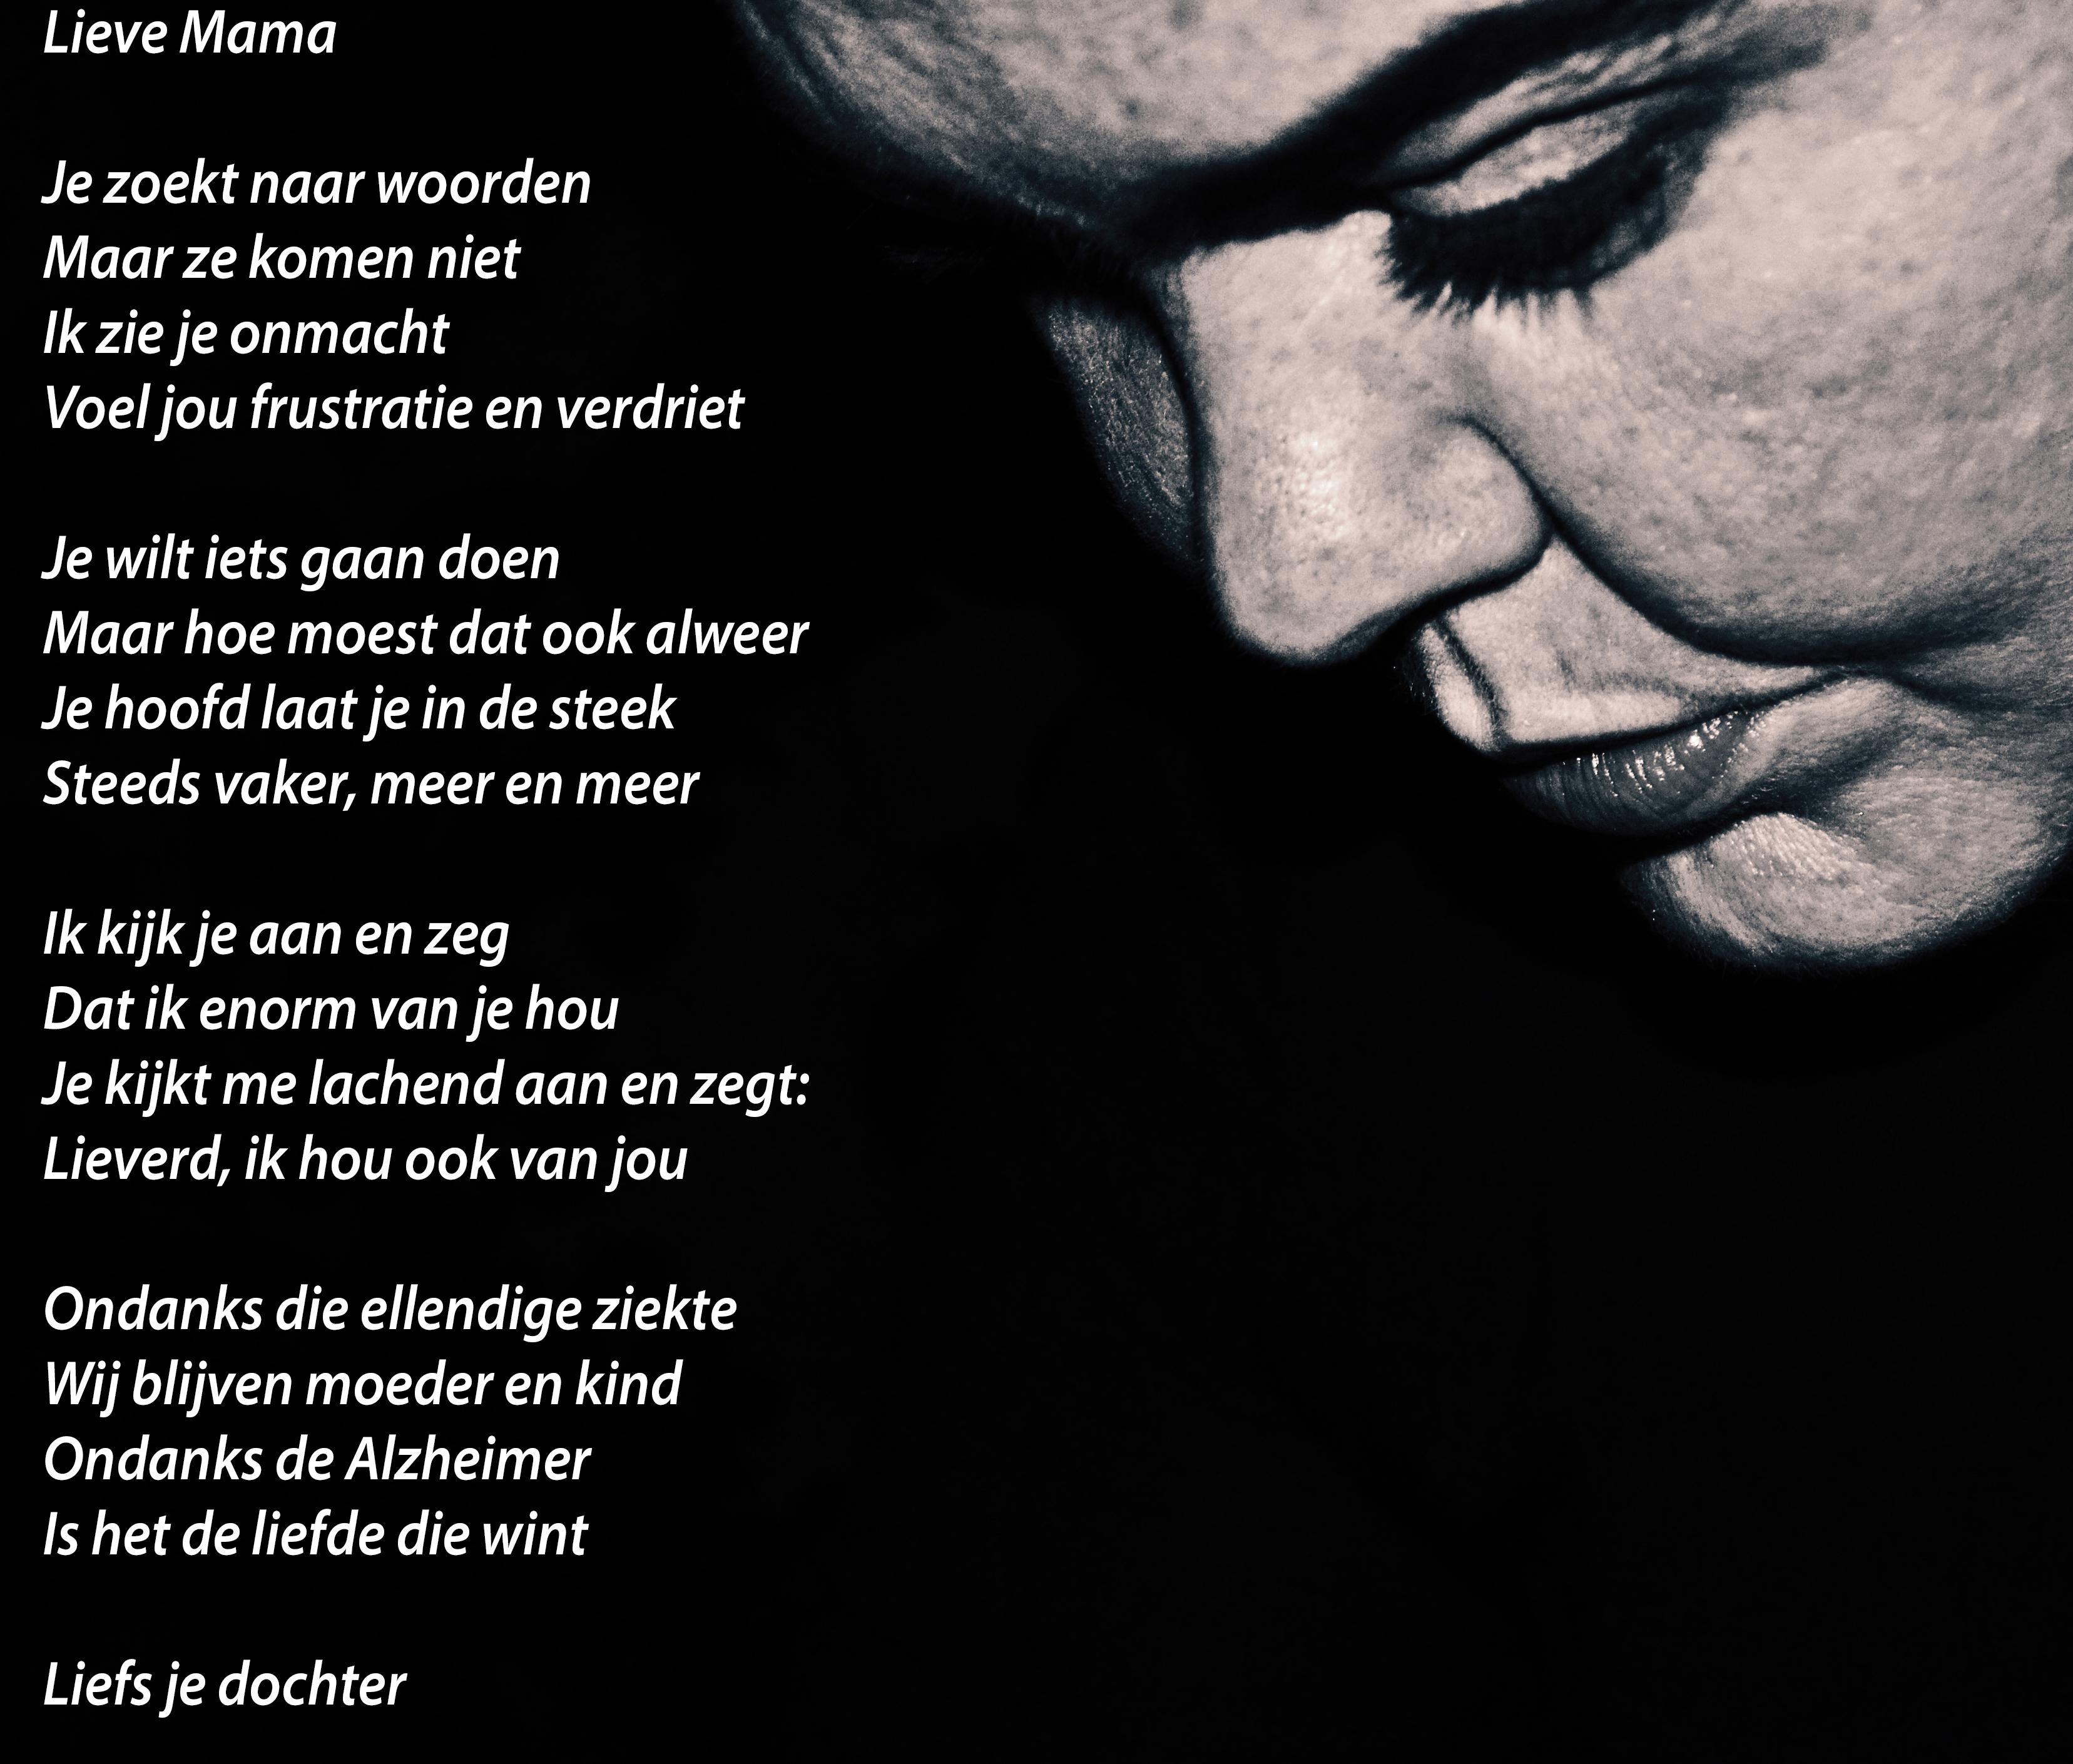 Wonderbaar Mijn Alzheimer Gedicht   dyezzie.nl VJ-88